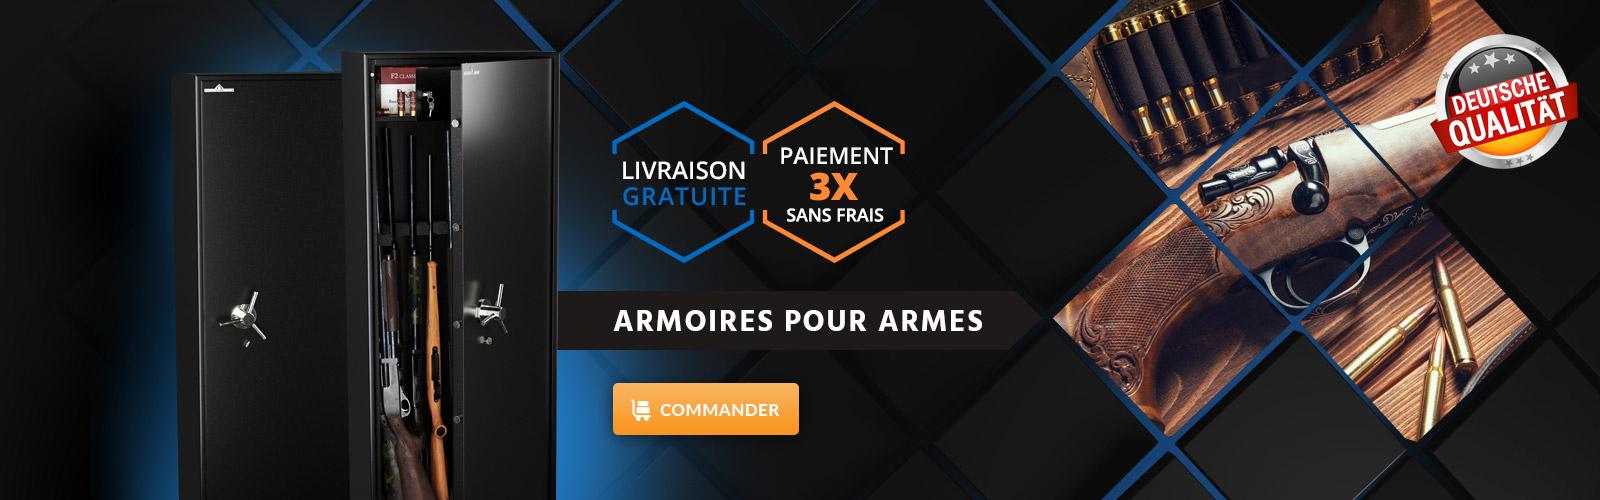 Armoire Armes